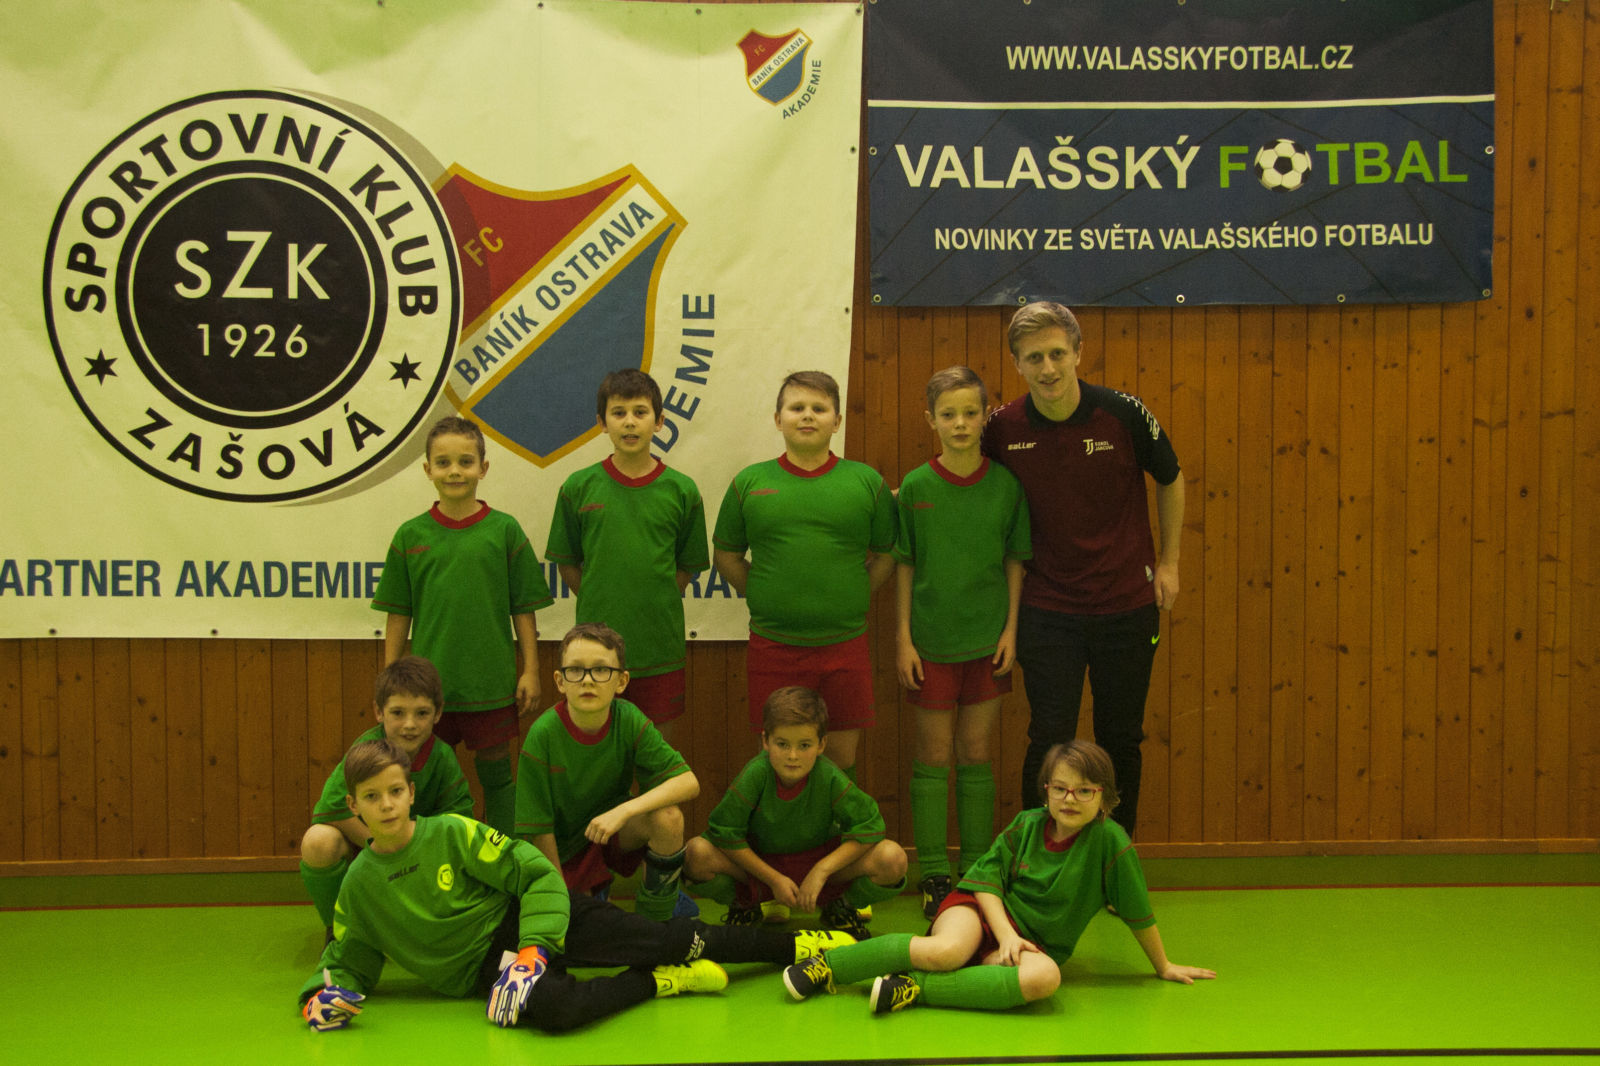 2018 jsme se s kluky a naší (pro tento turnaj) jedinou holkou Terezkou  zúčastnili halového turnaje VFA při SK Zašová 1926 (VFA – Valašská  Fotbalová ... 26f78fd55d